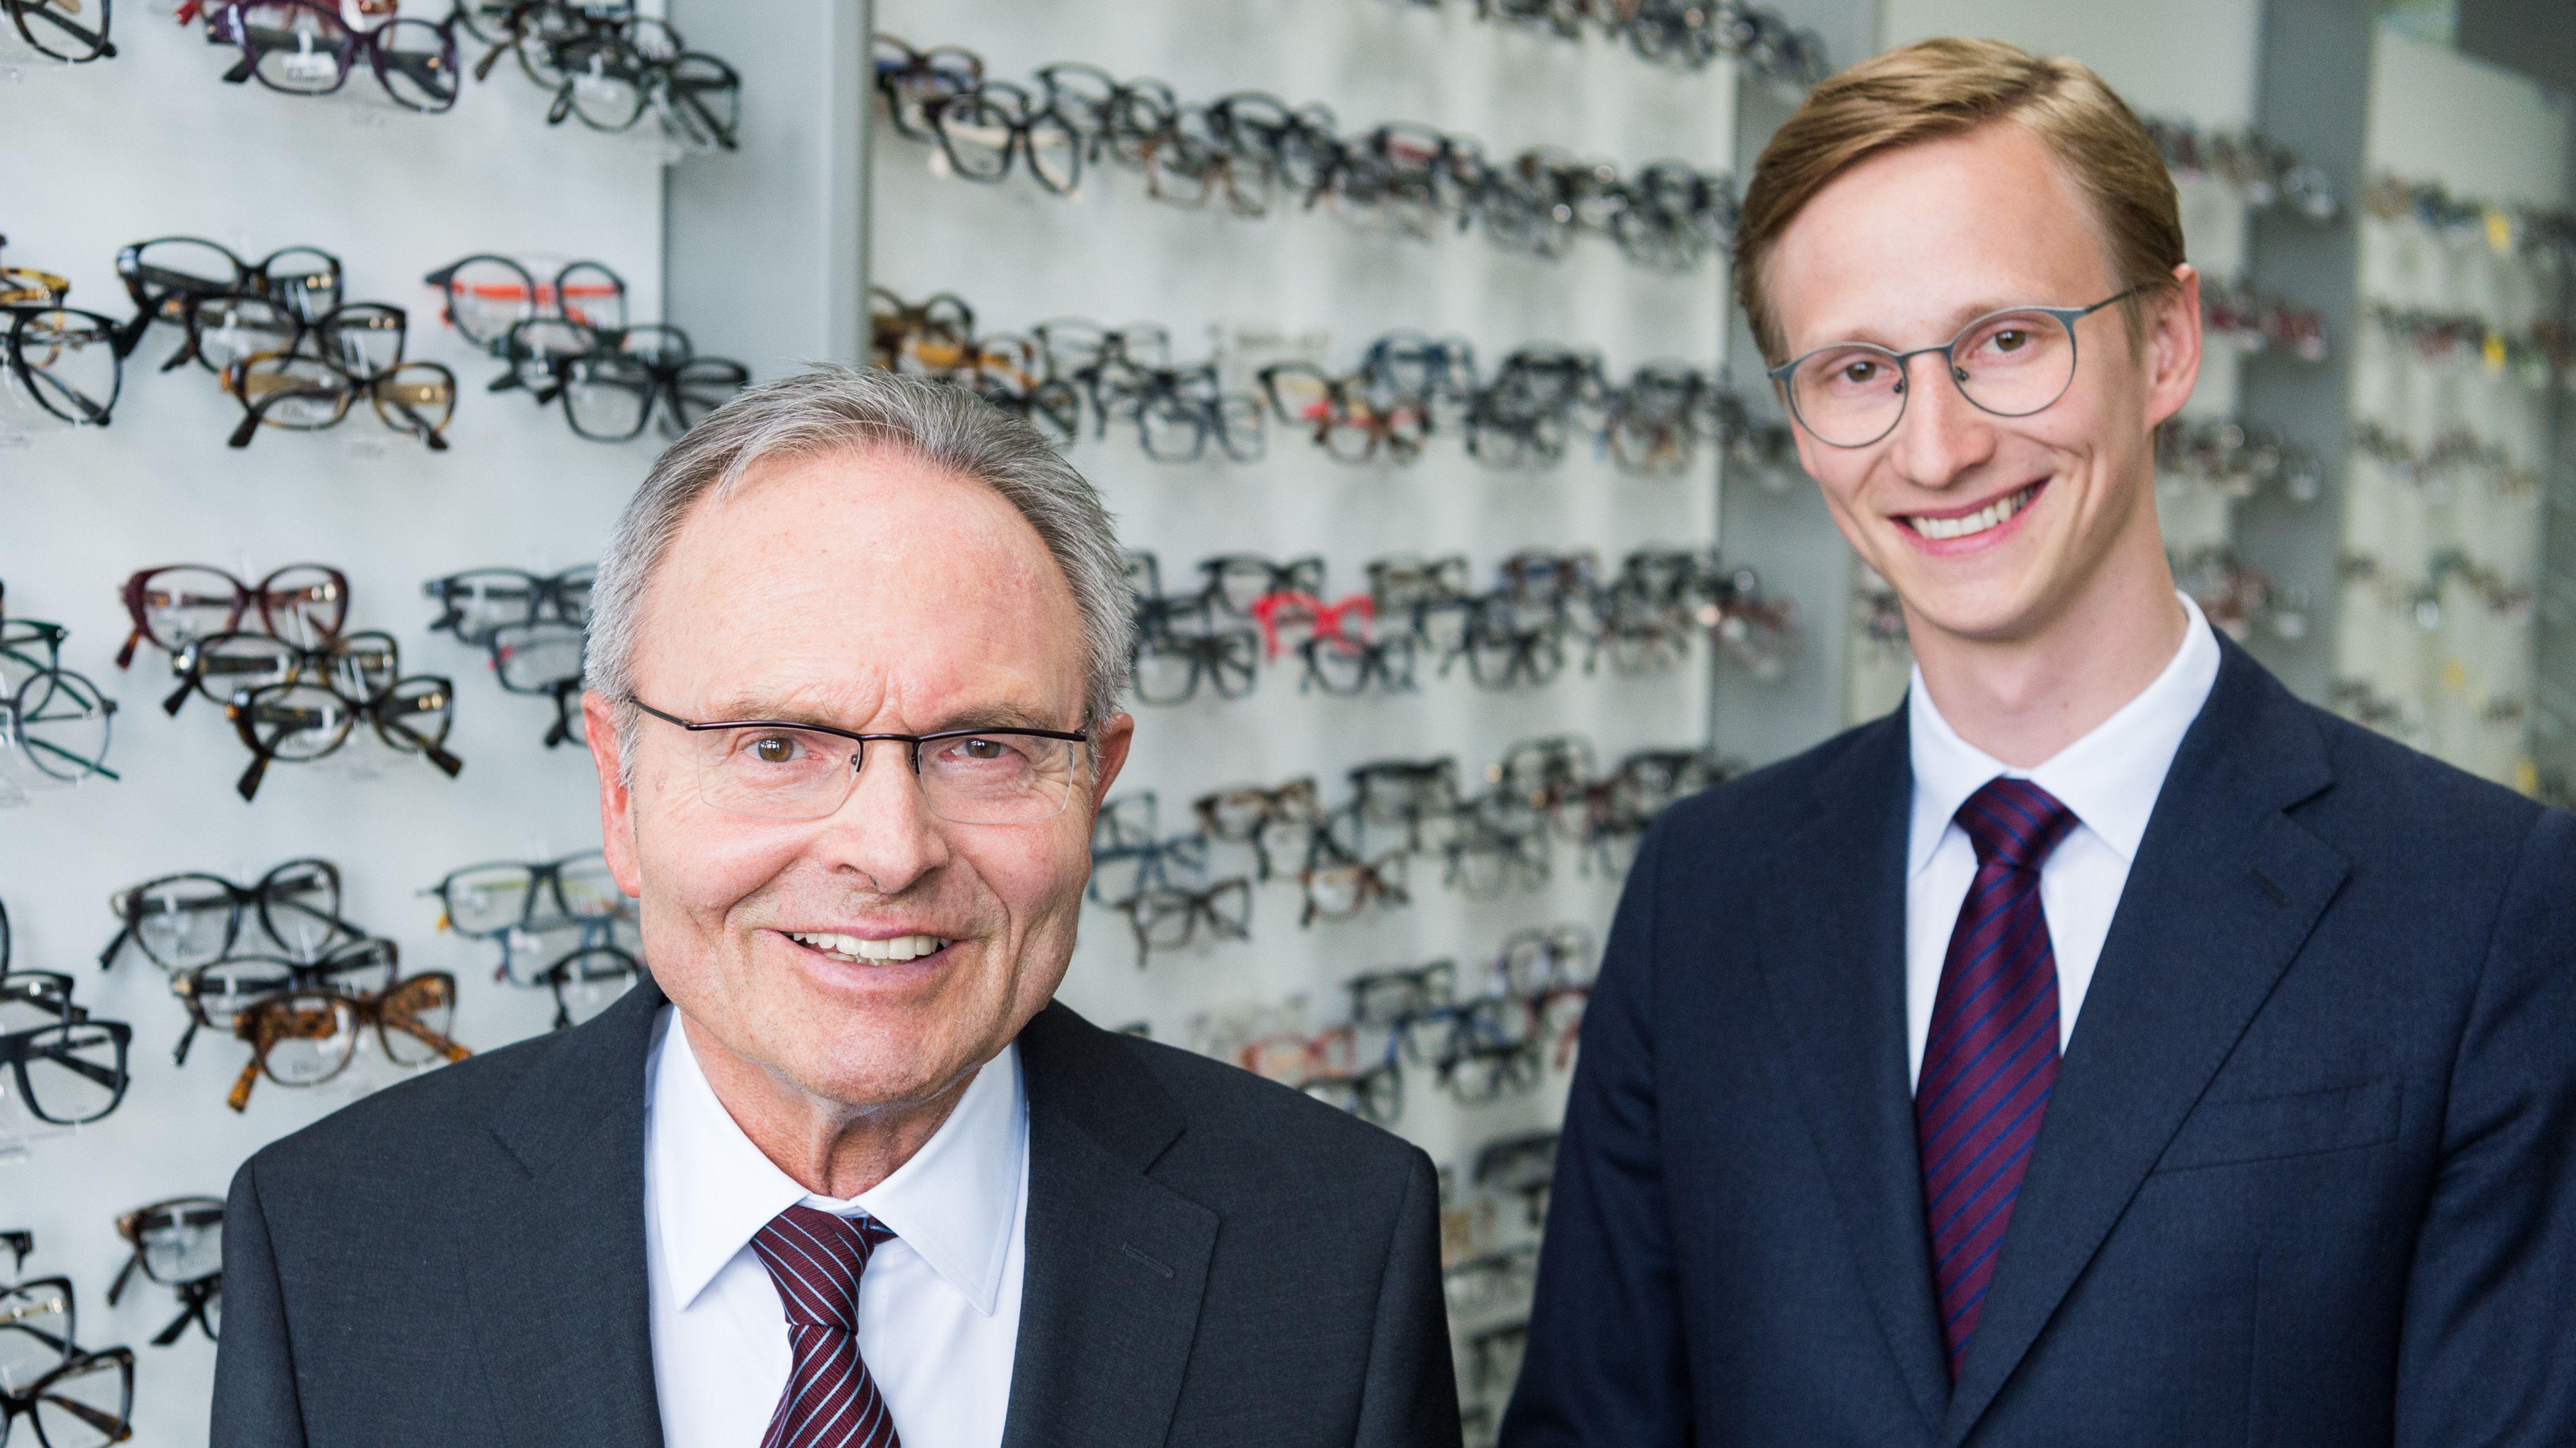 Der Vorstandsvorsitzende der Fielmann AG, Günther Fielmann (l), und sein Sohn Marc Fielmann